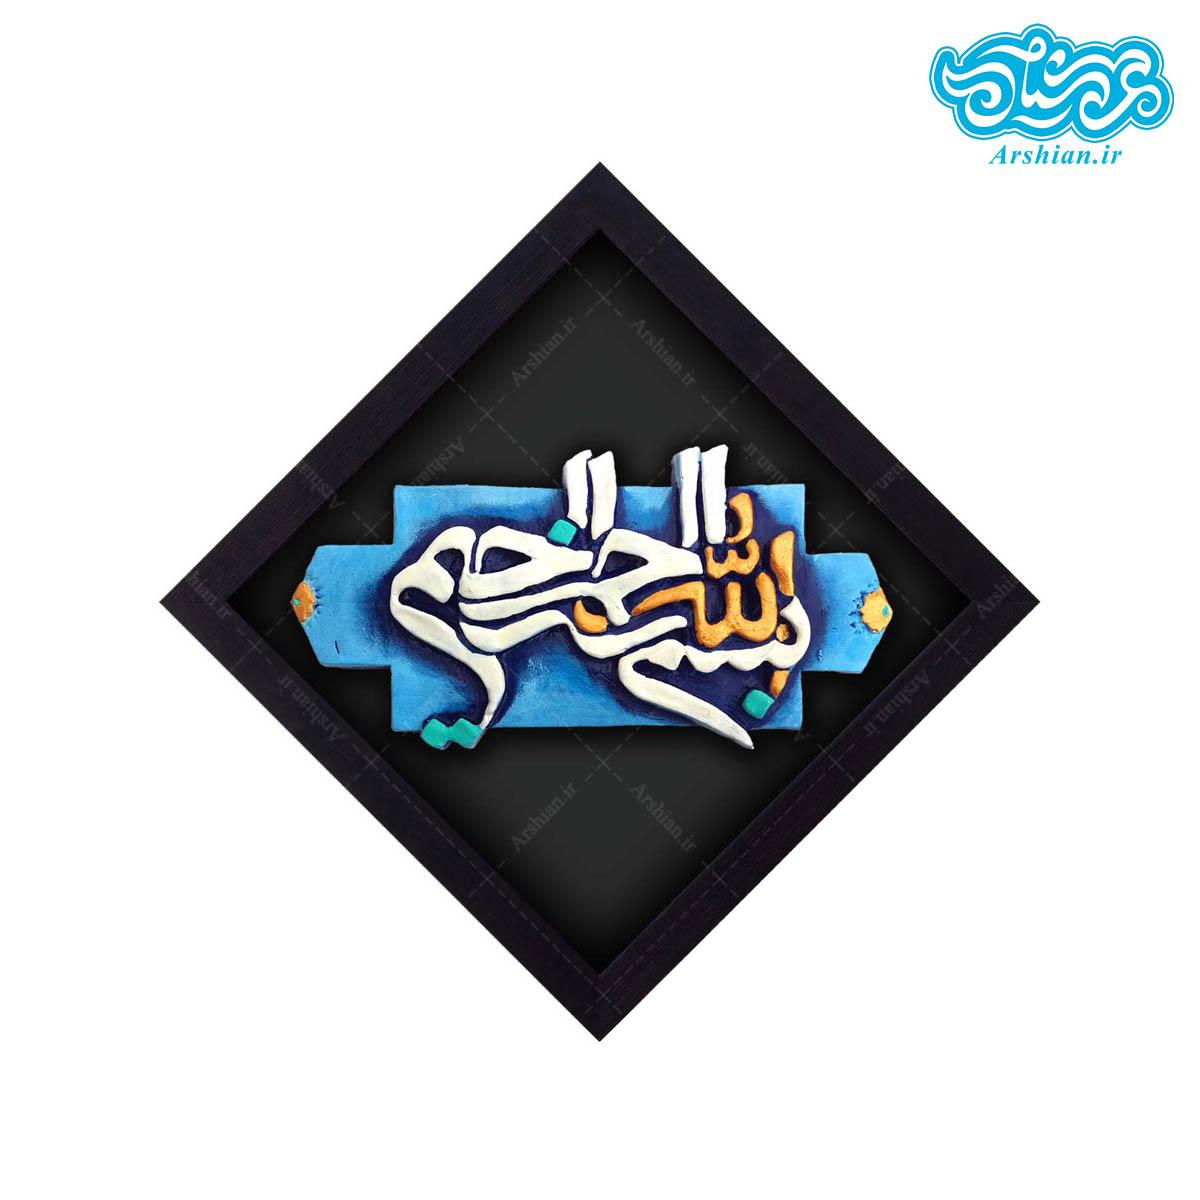 کتیبه نقش برجسته بسم الله الرّحمن الرّحیم کد۱۰۱